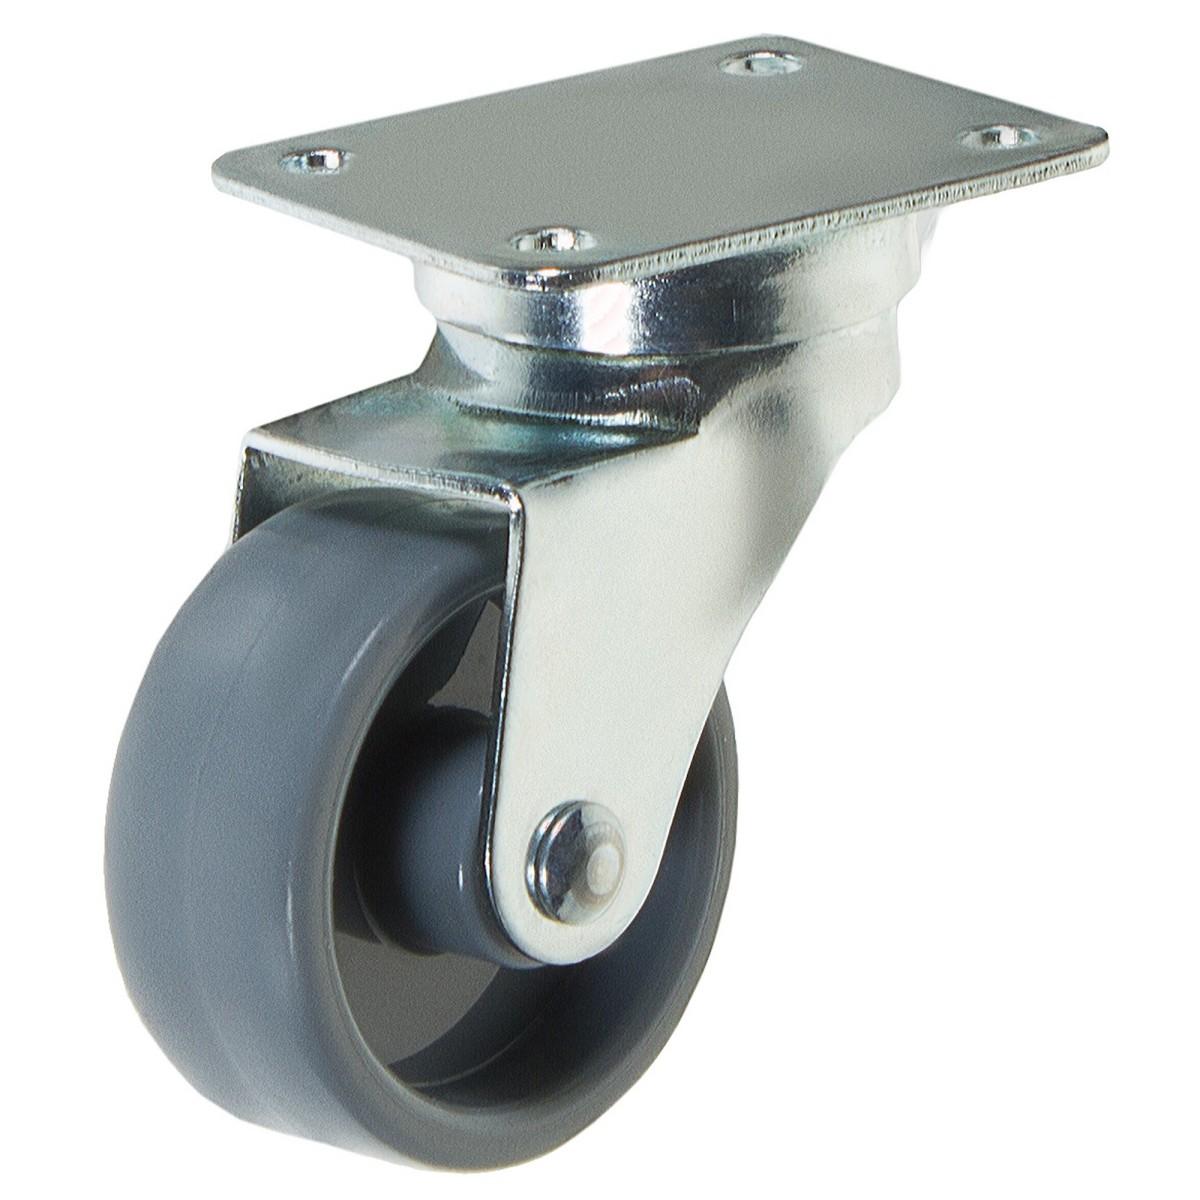 Колесо Amig 6715 30 мм поворотное без тормоза